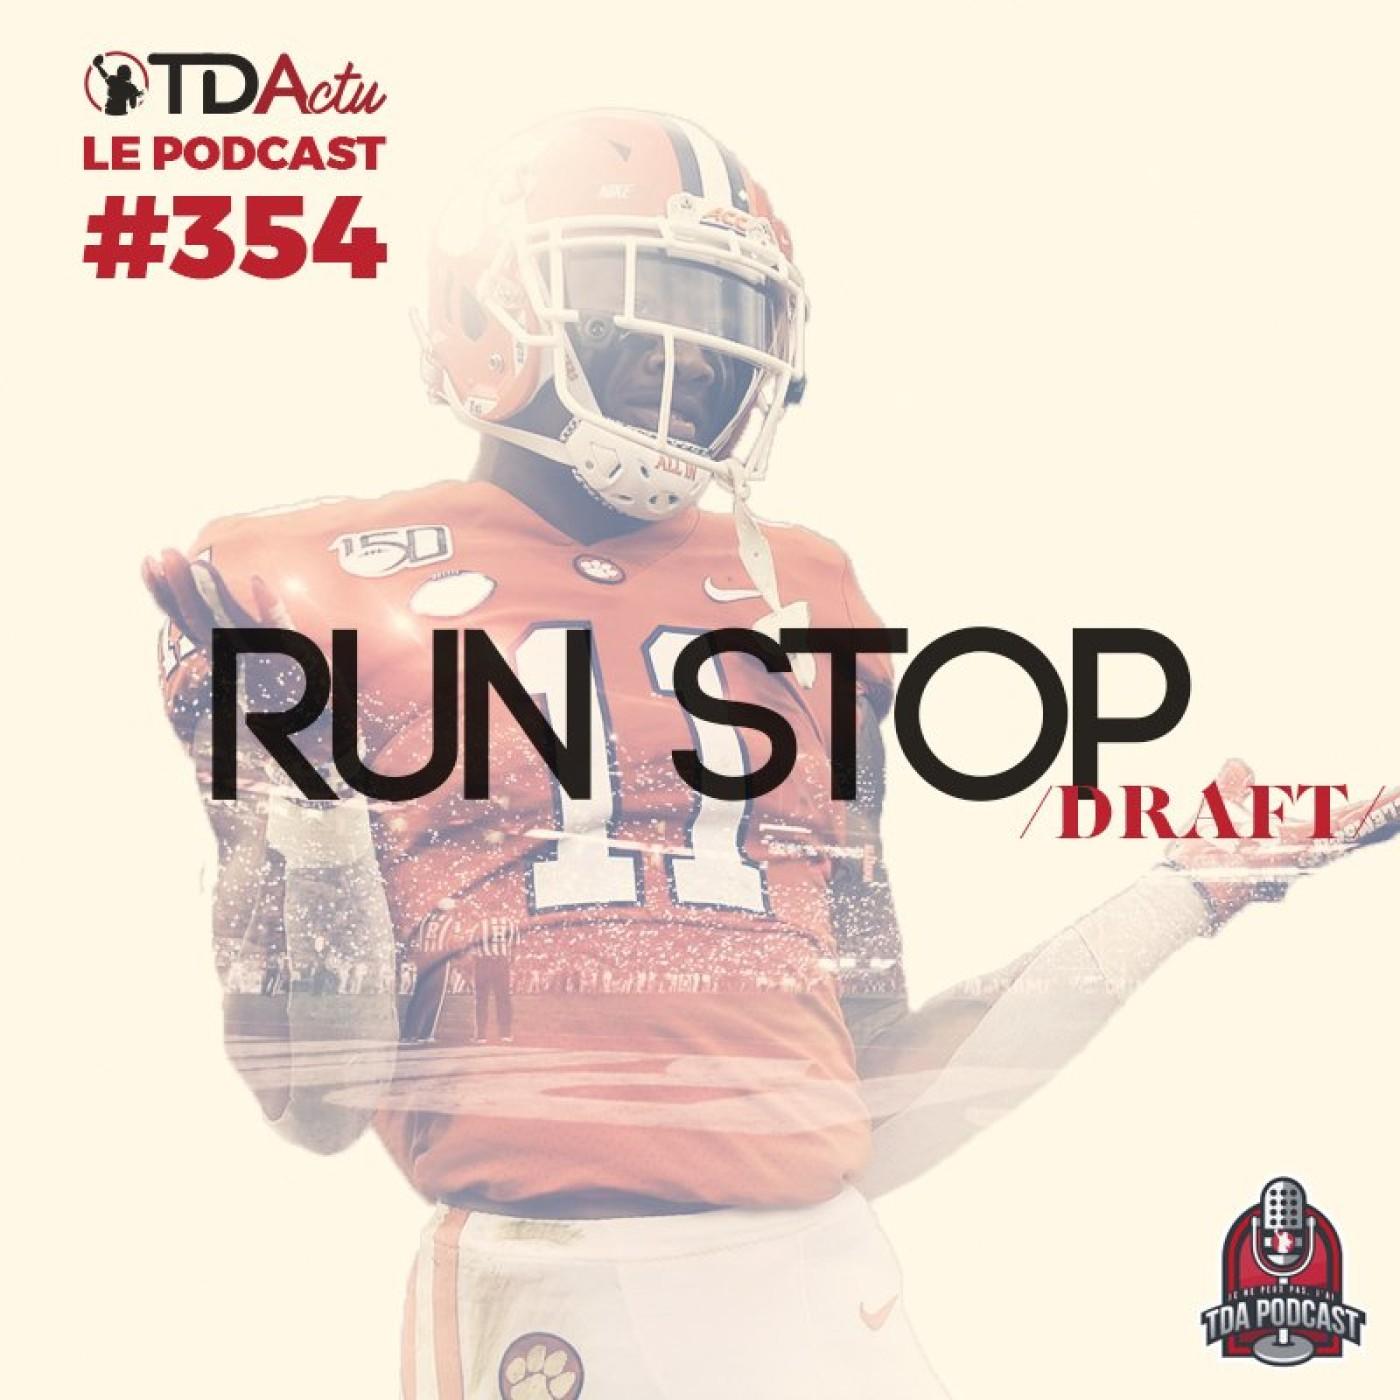 #354 - Draft : vous ne passerez pas (au sol) !